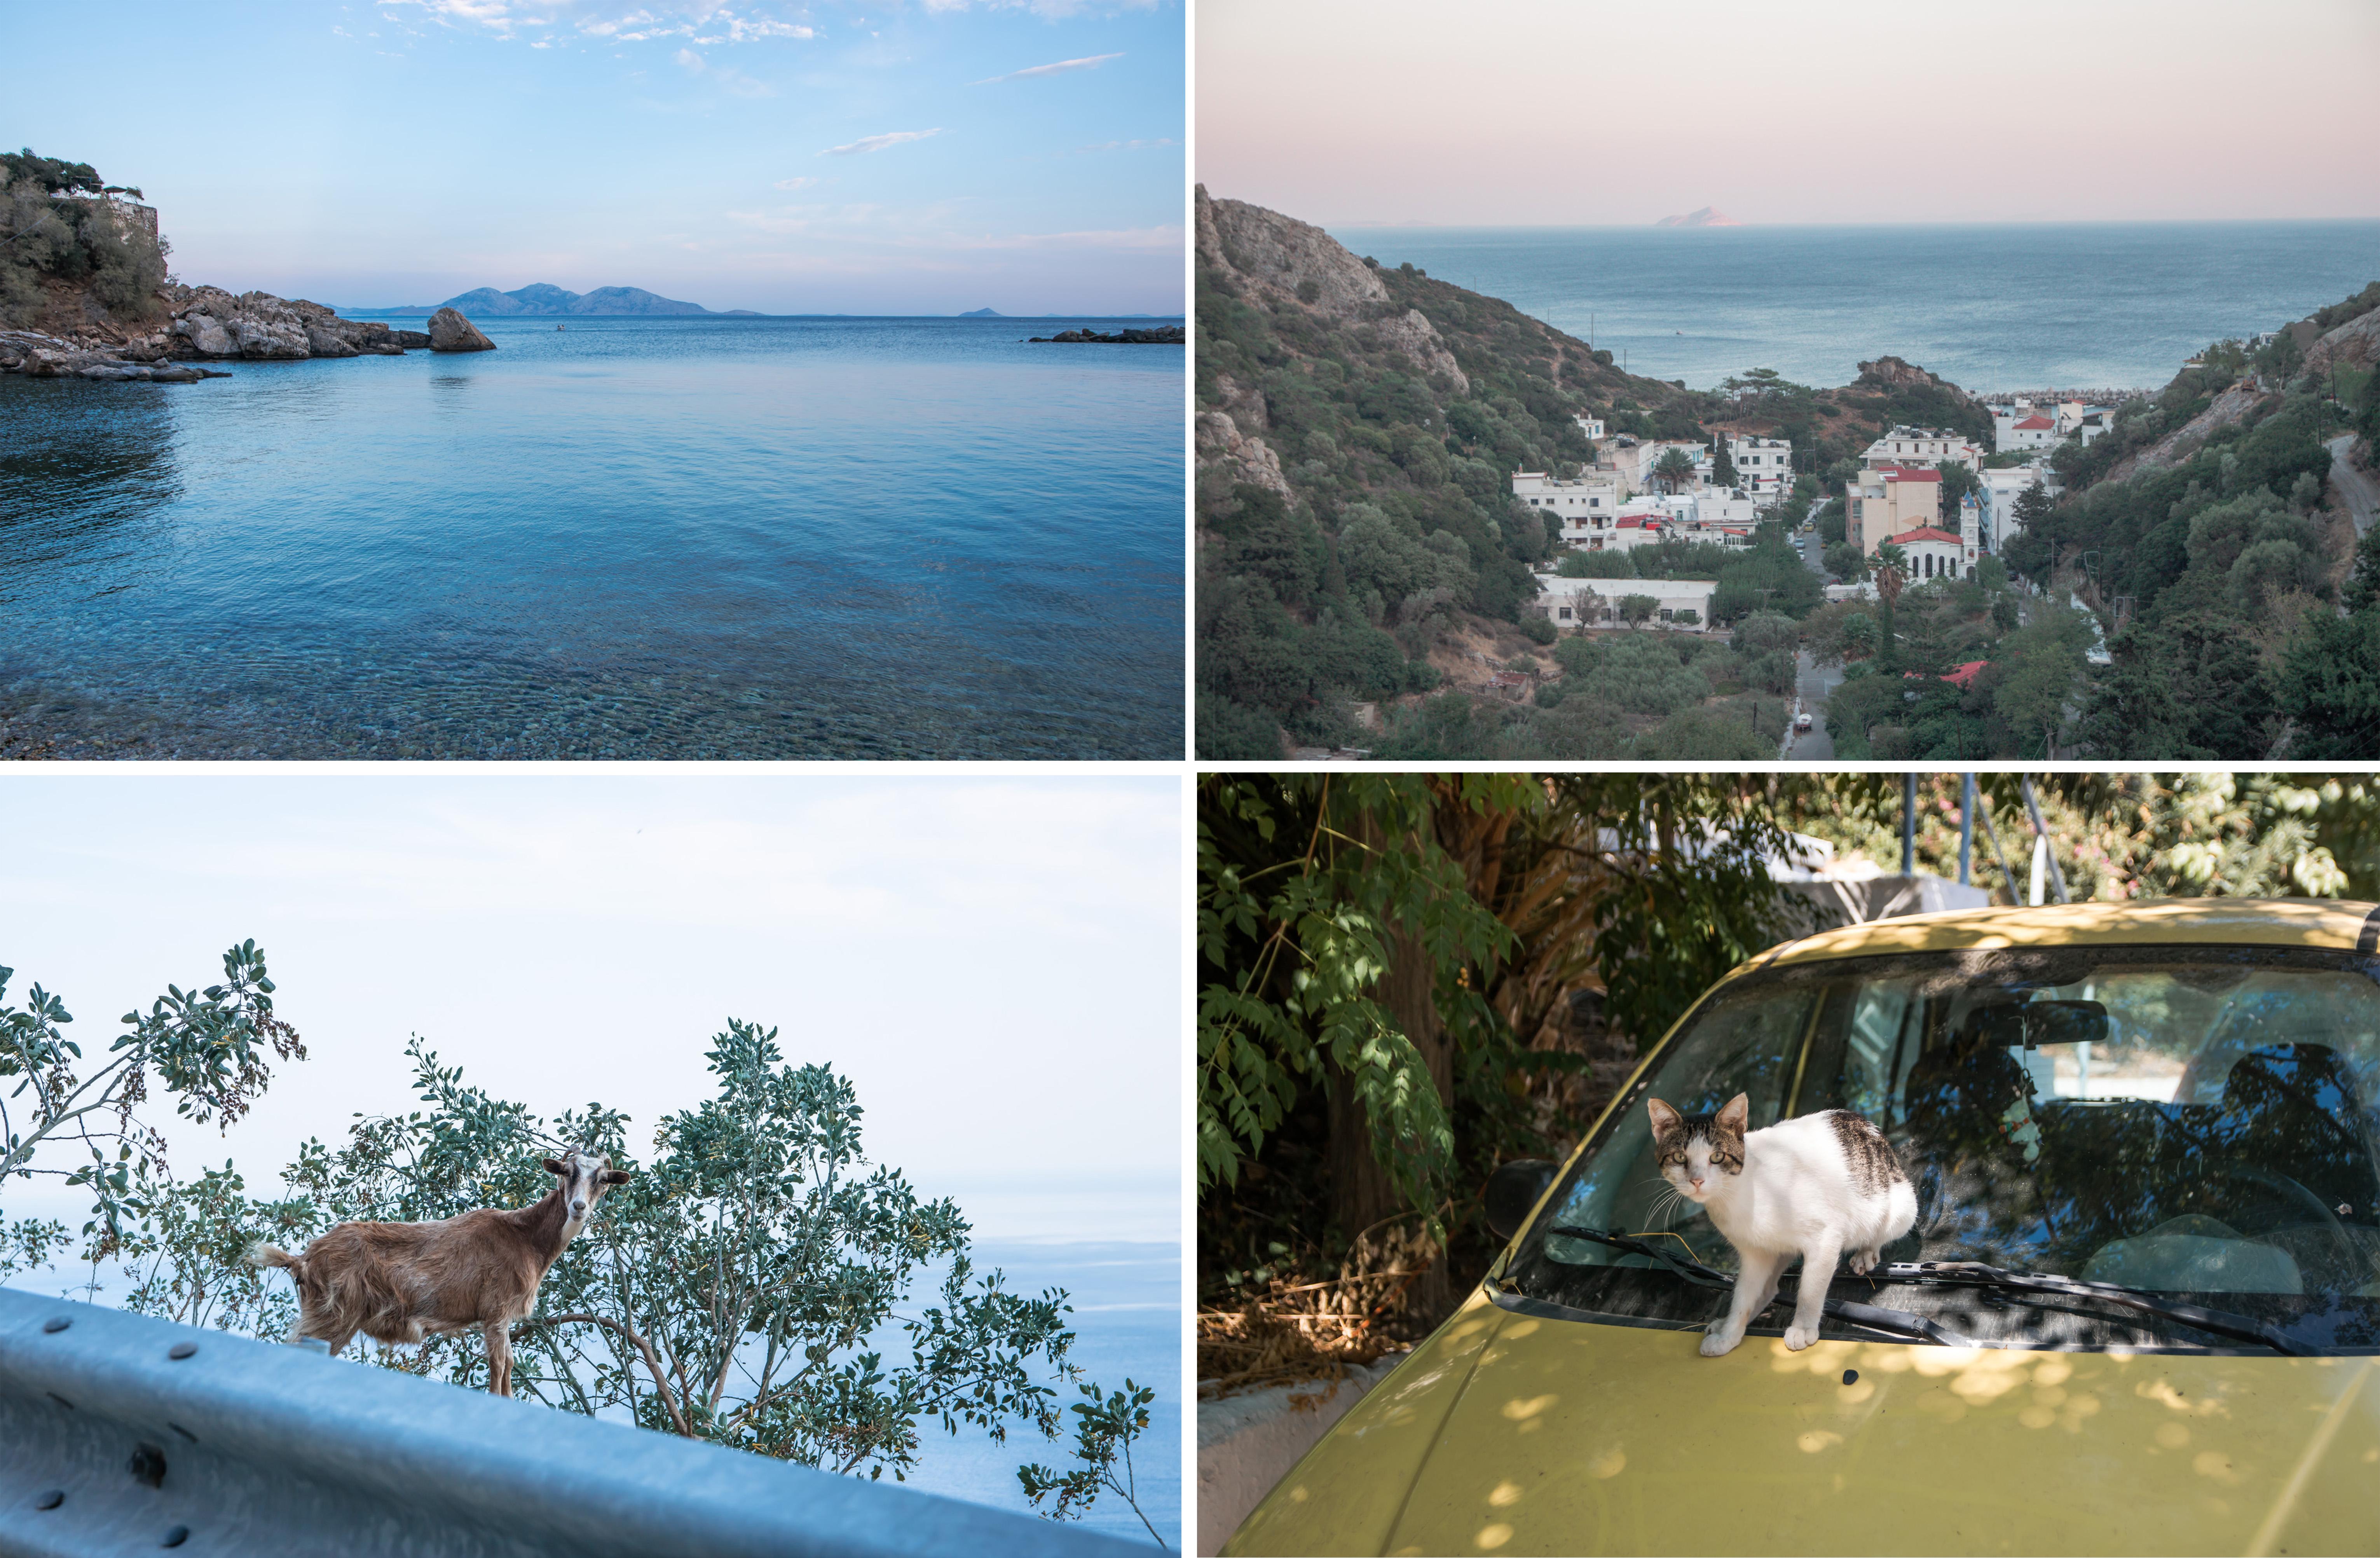 Therma, Ortschaft mit heißen Quellen und wunderschönem Meer. Katze am Auto und Ziege